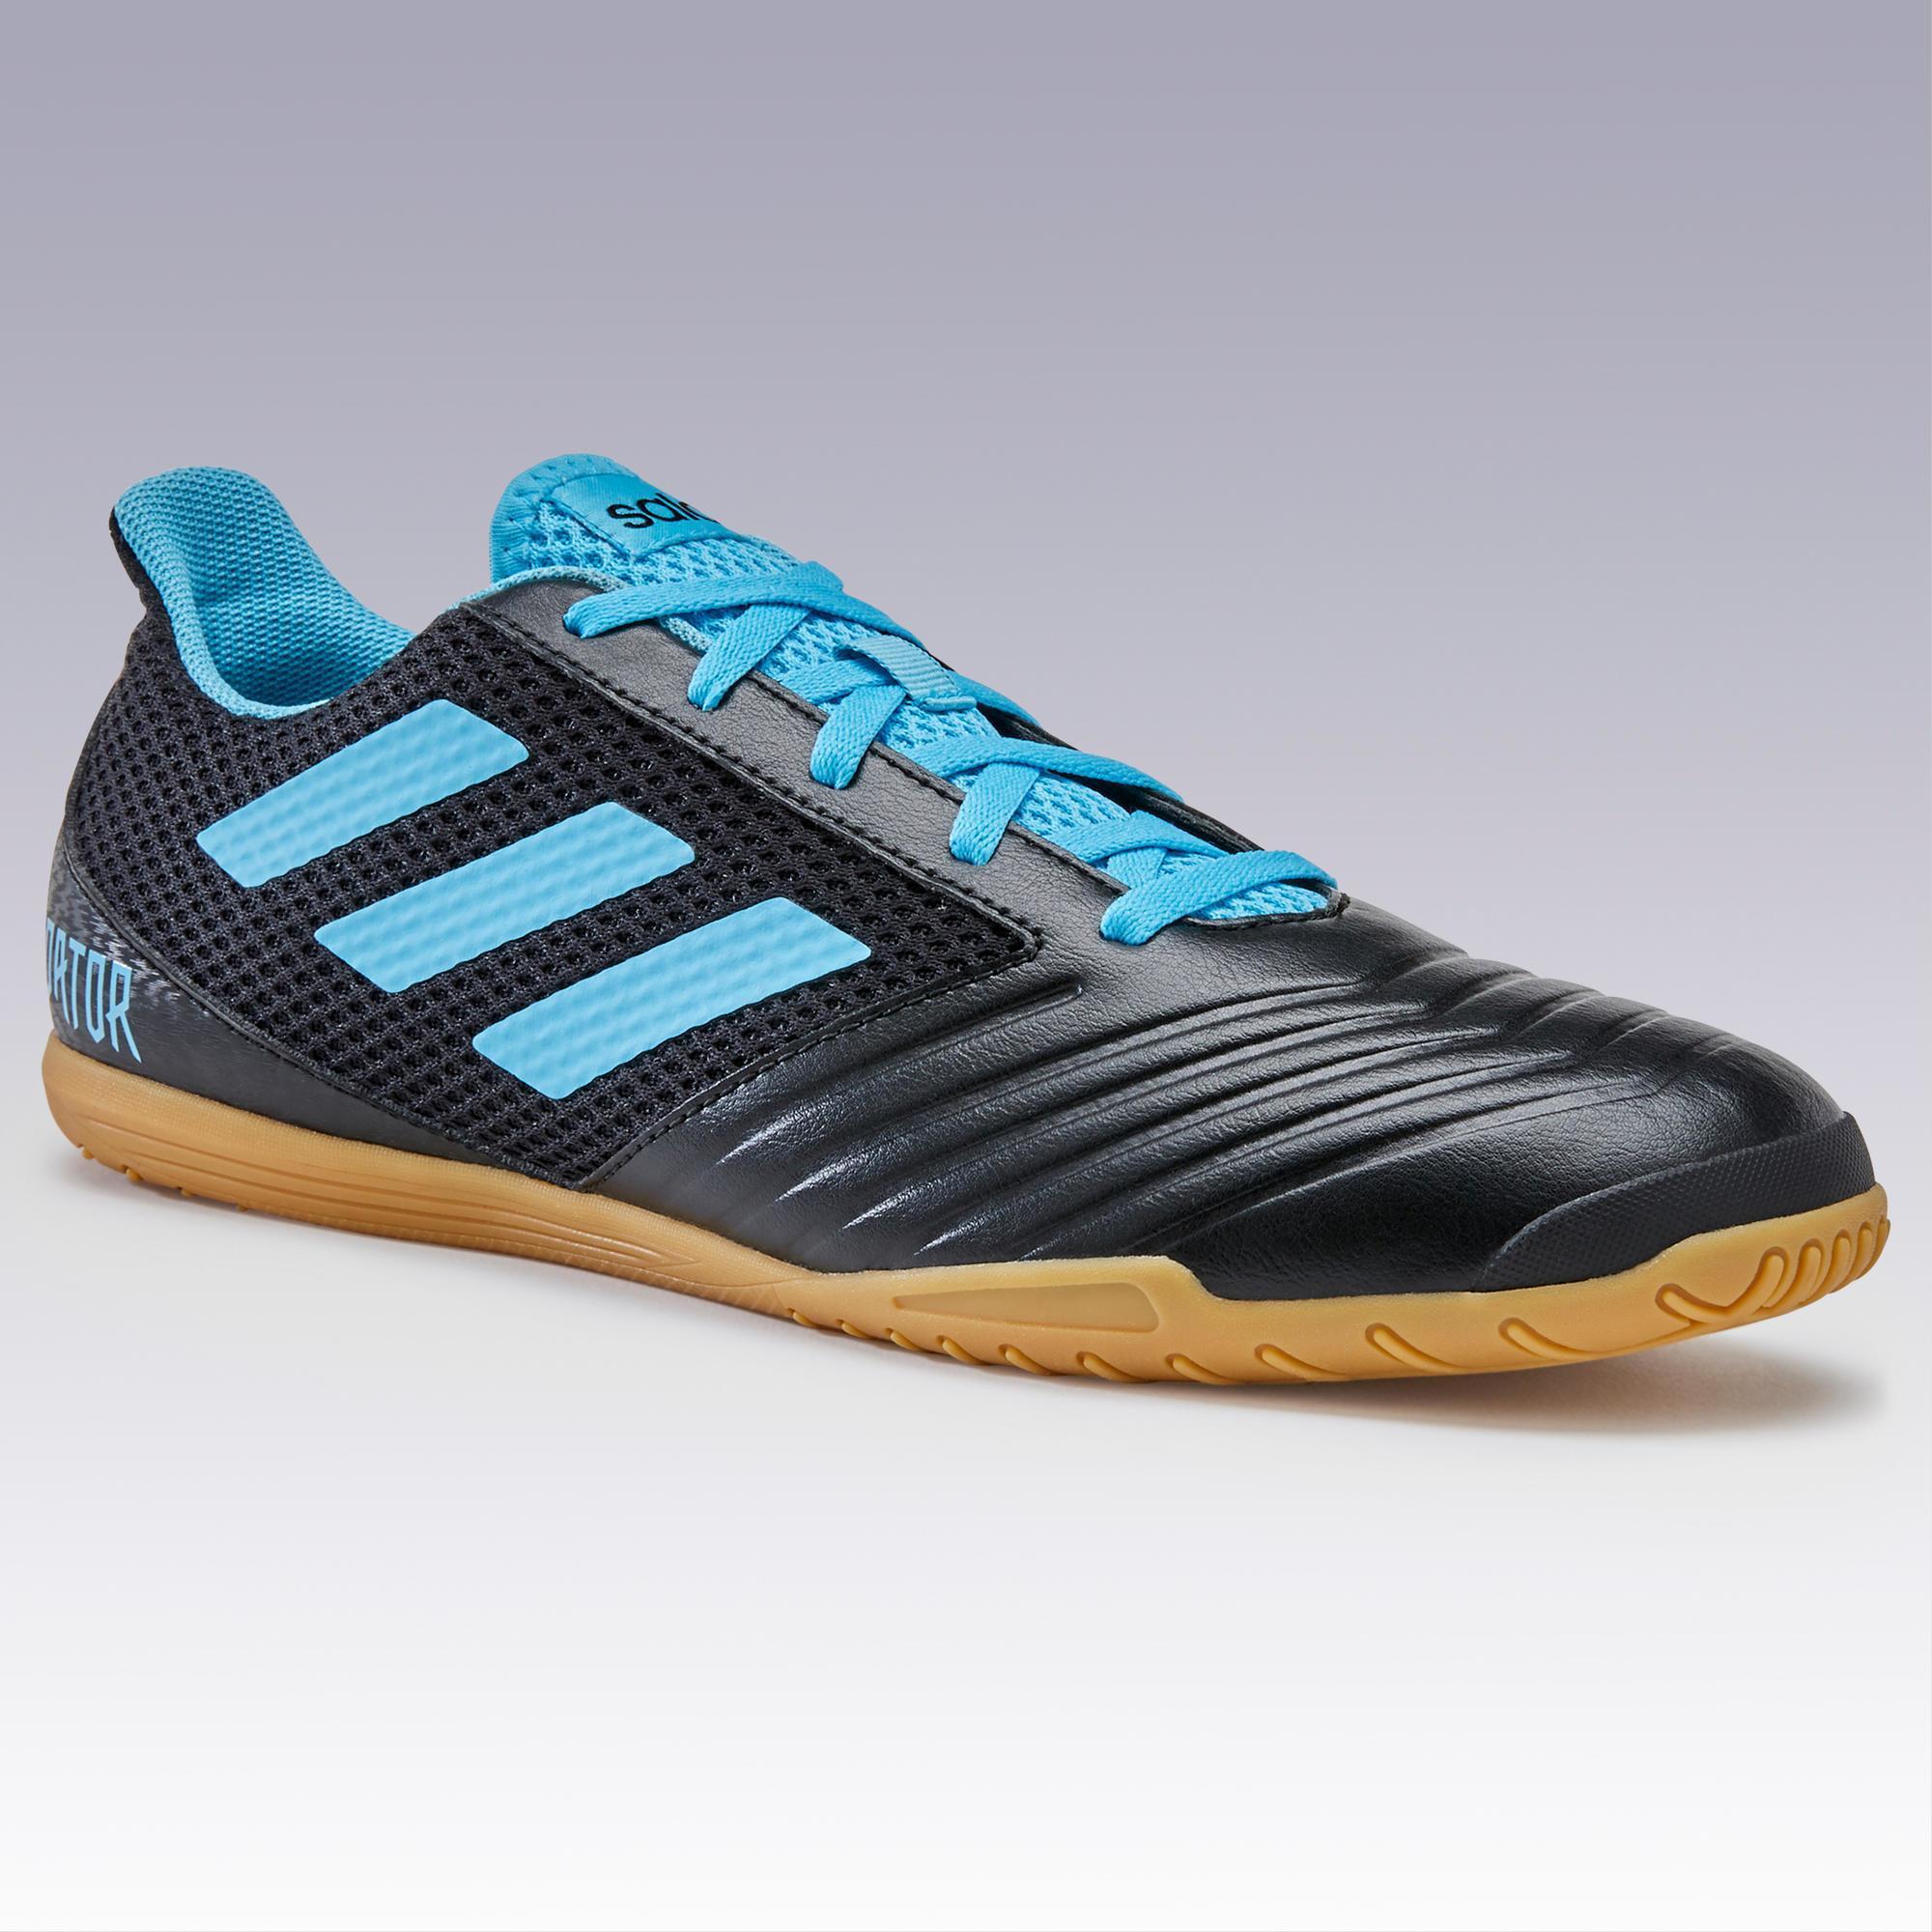 best sale new arrivals high fashion Hallenschuhe Futsal Fußball Predator Kinder schwarzblau ADIDAS